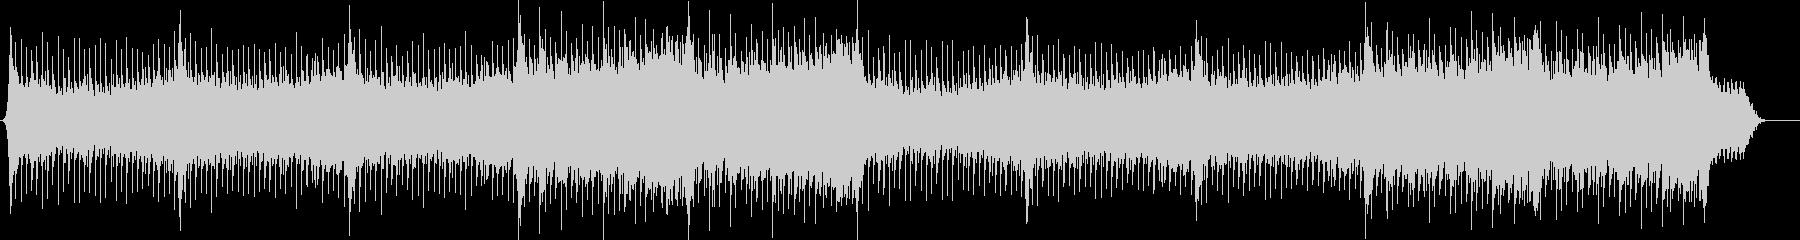 Guitar Corporate 117の未再生の波形